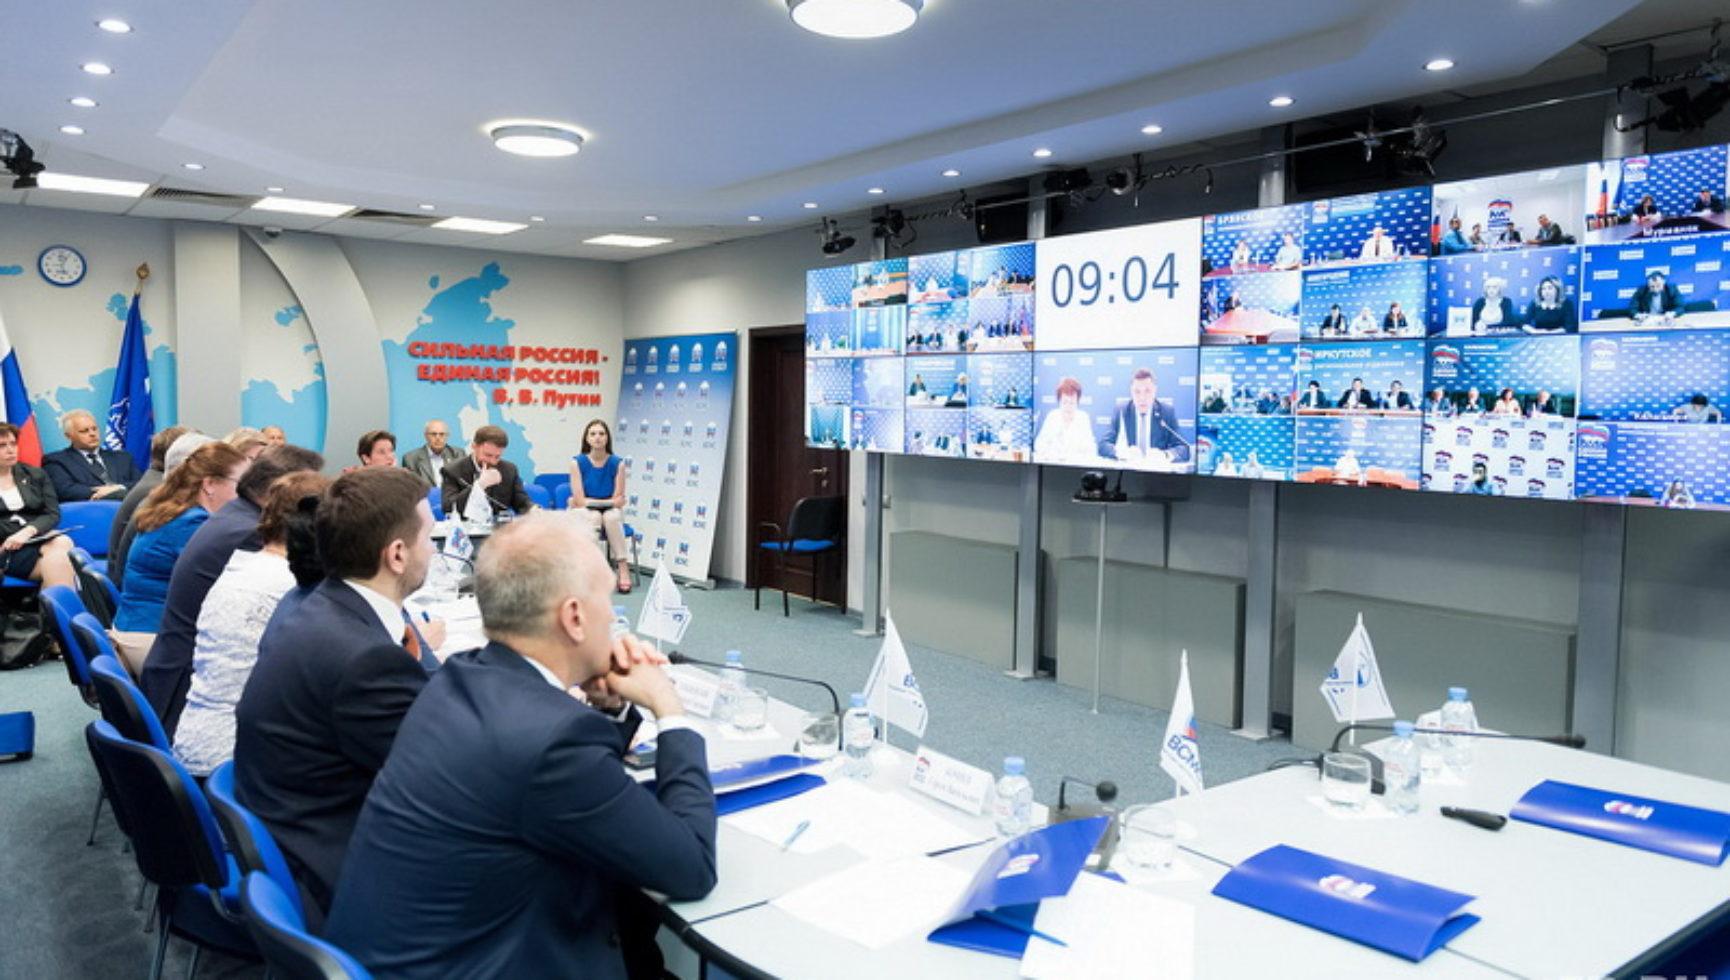 Видеоконференция Всероссийского совета местного самоуправления